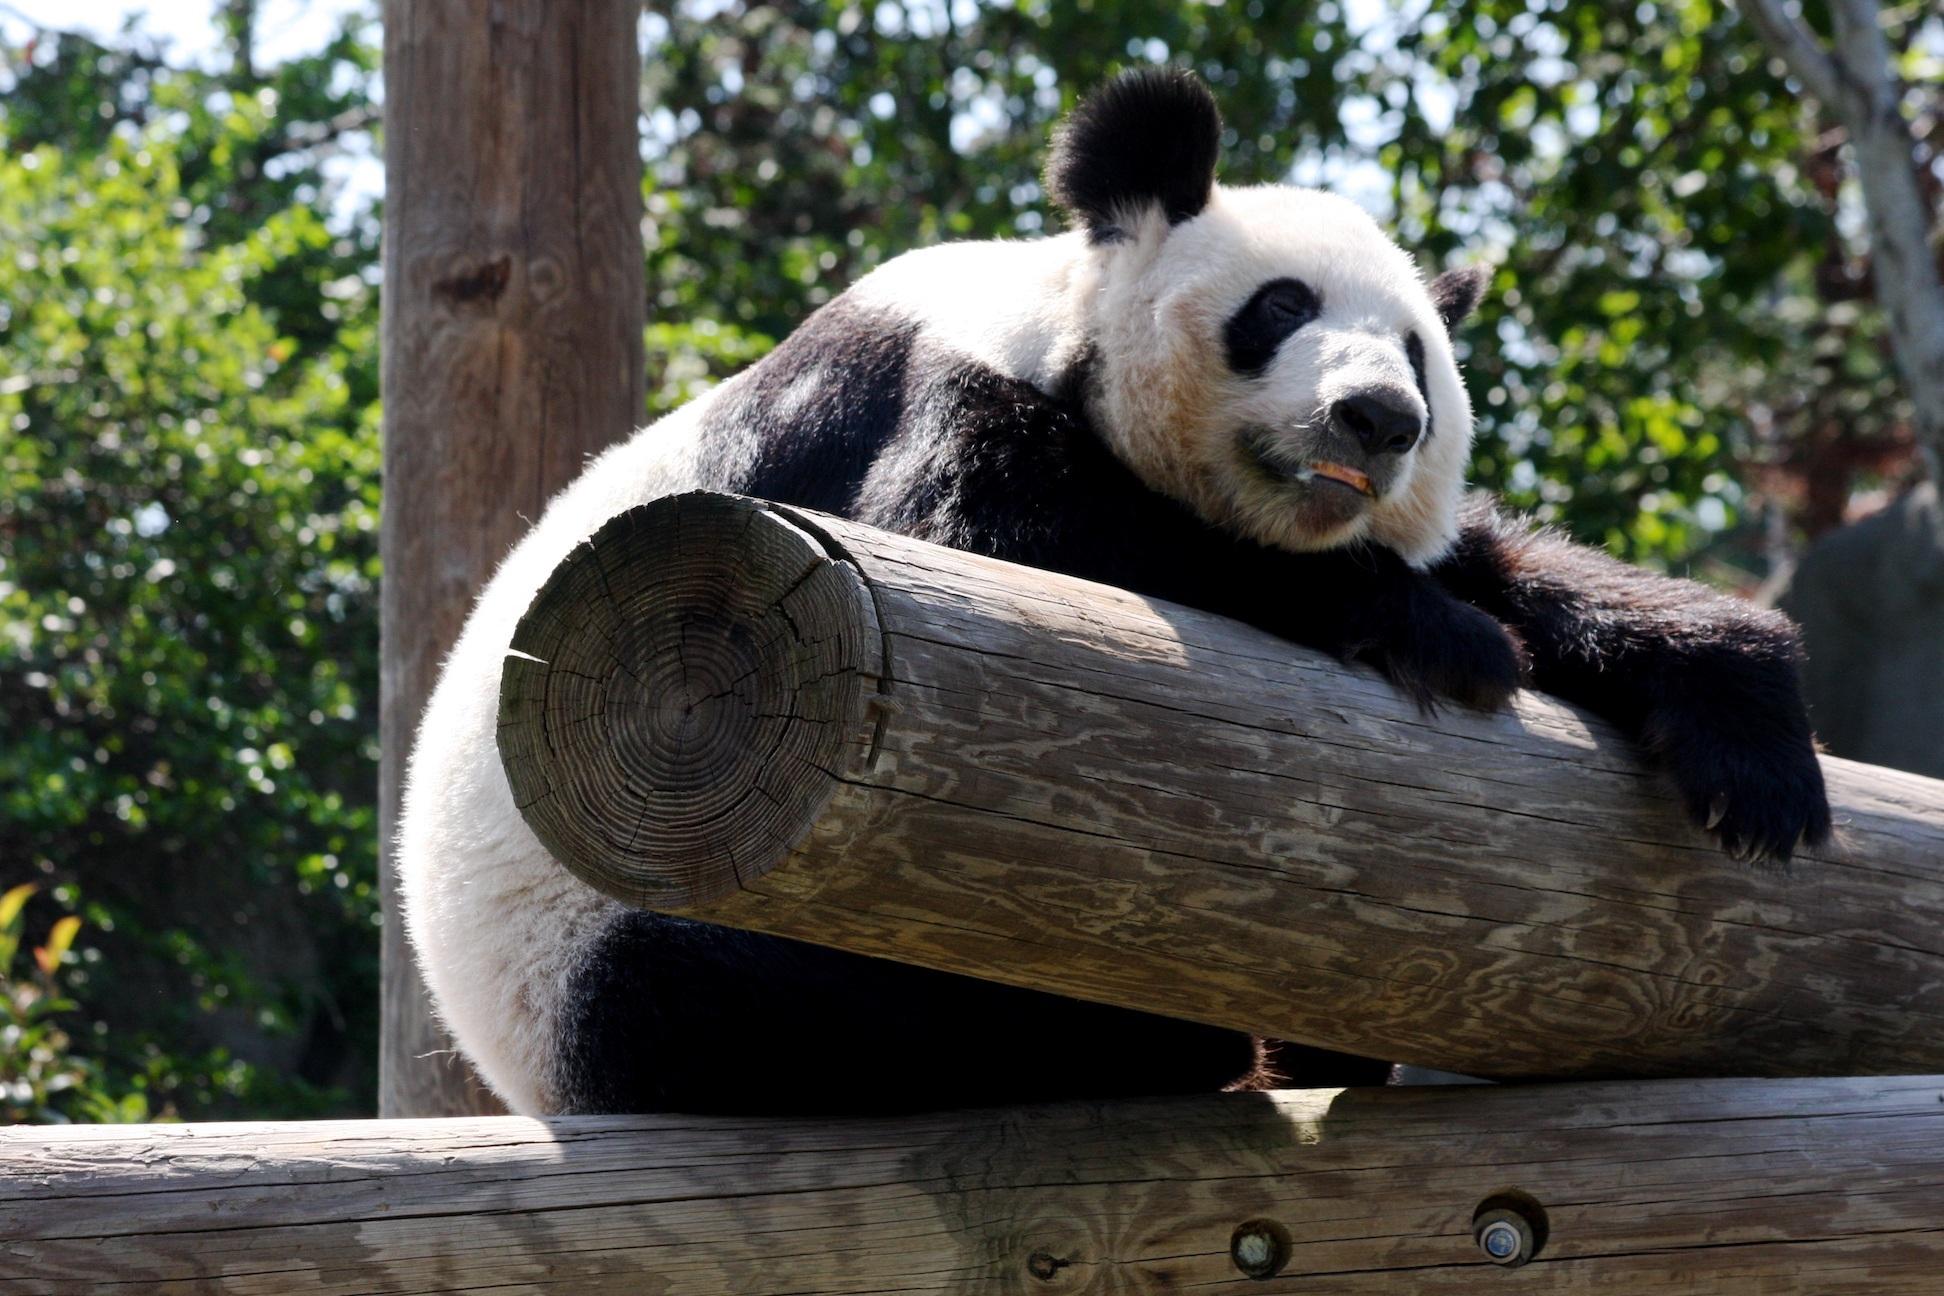 Memphis zoo panda